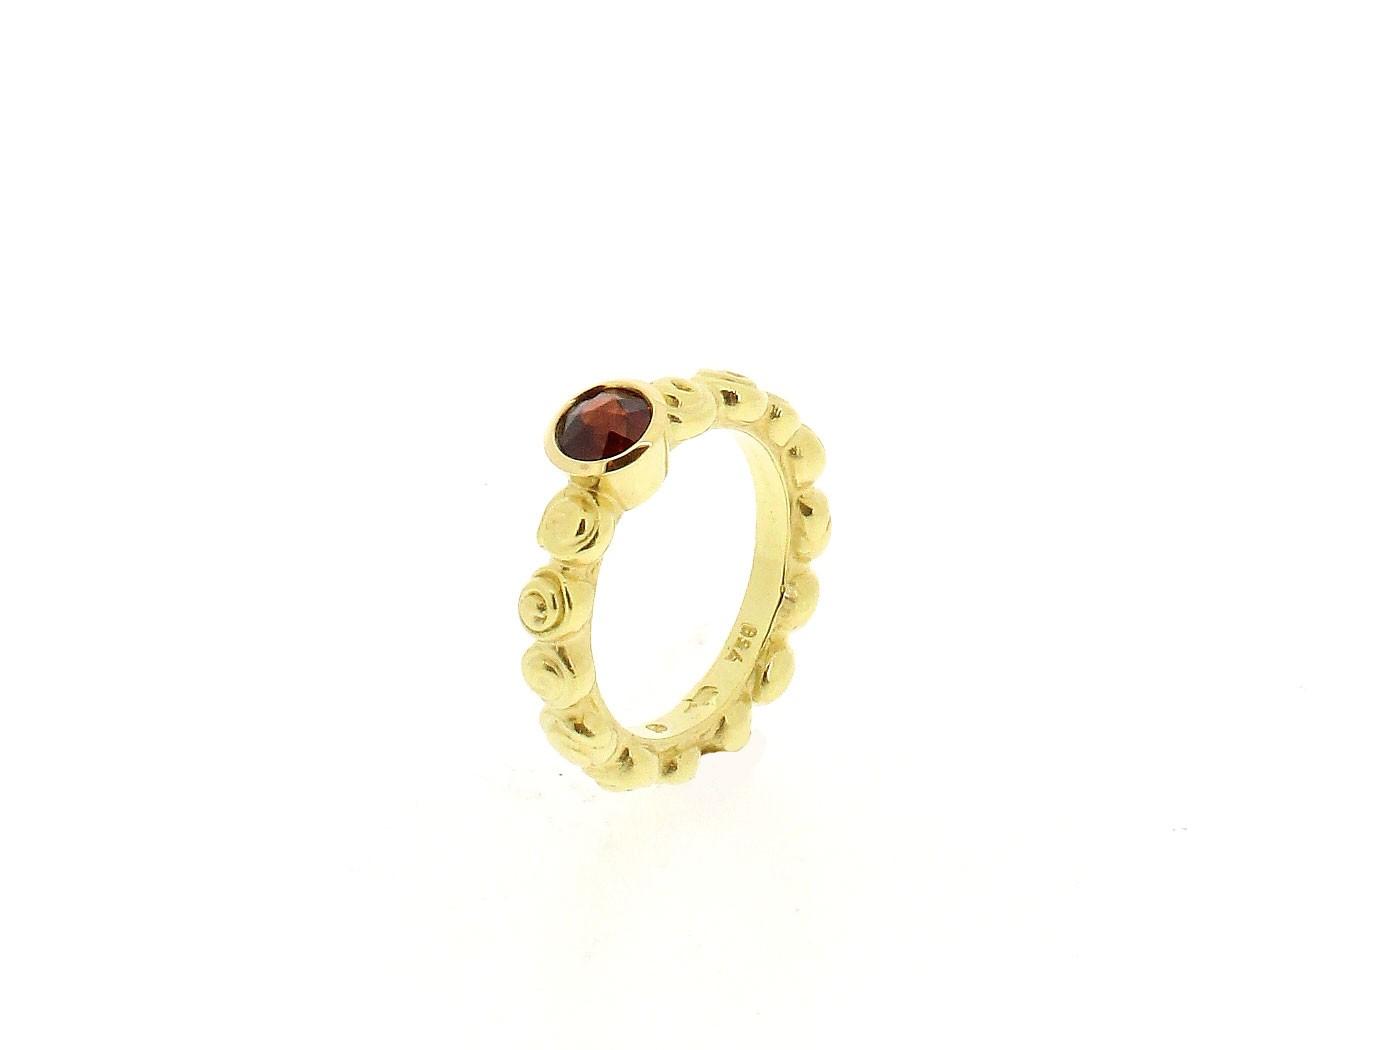 Ring Rosen 18ct Gelbgold - Individuelle Marken - 021005